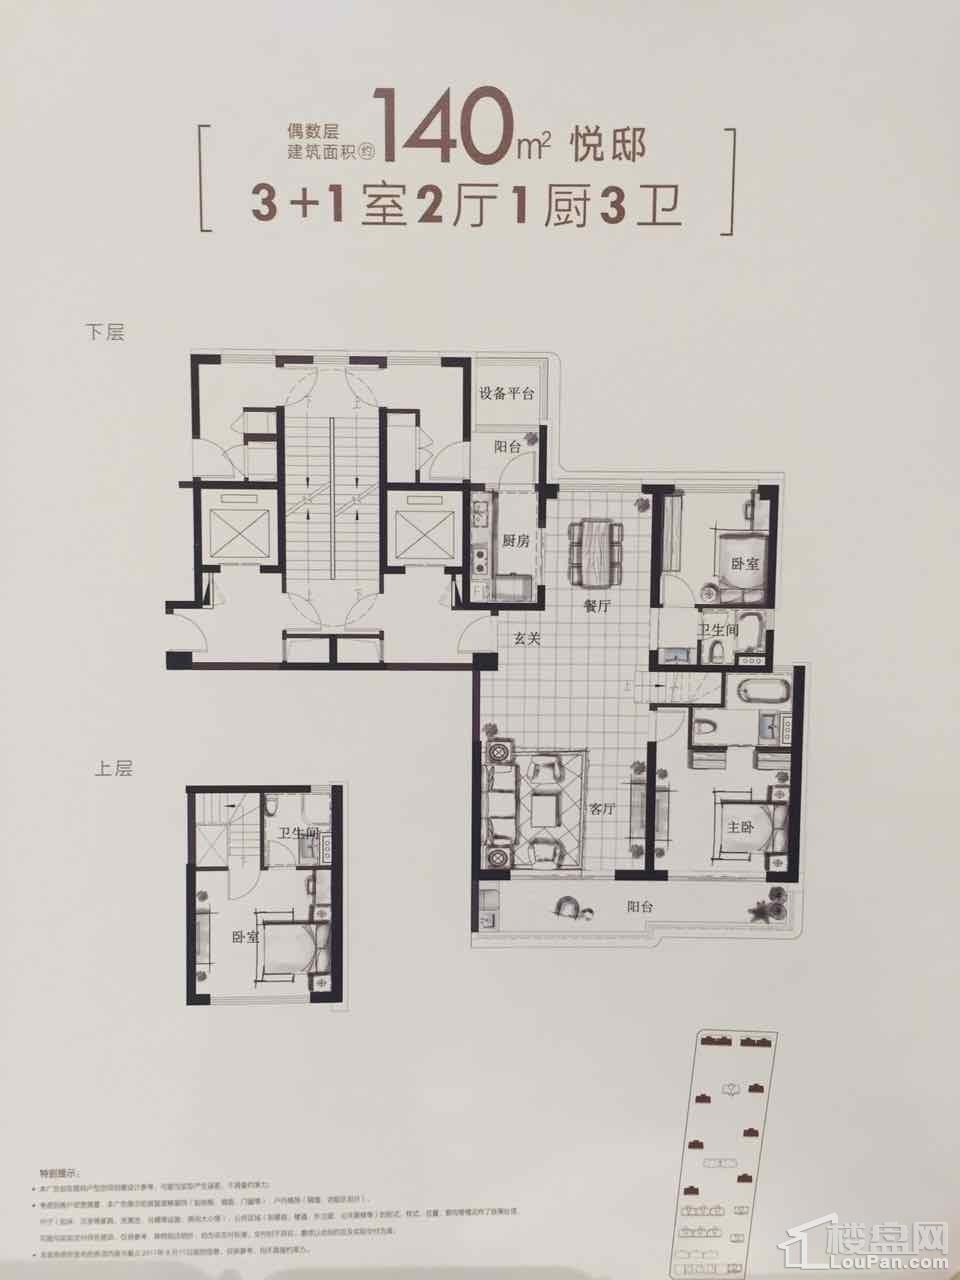 140悦邸